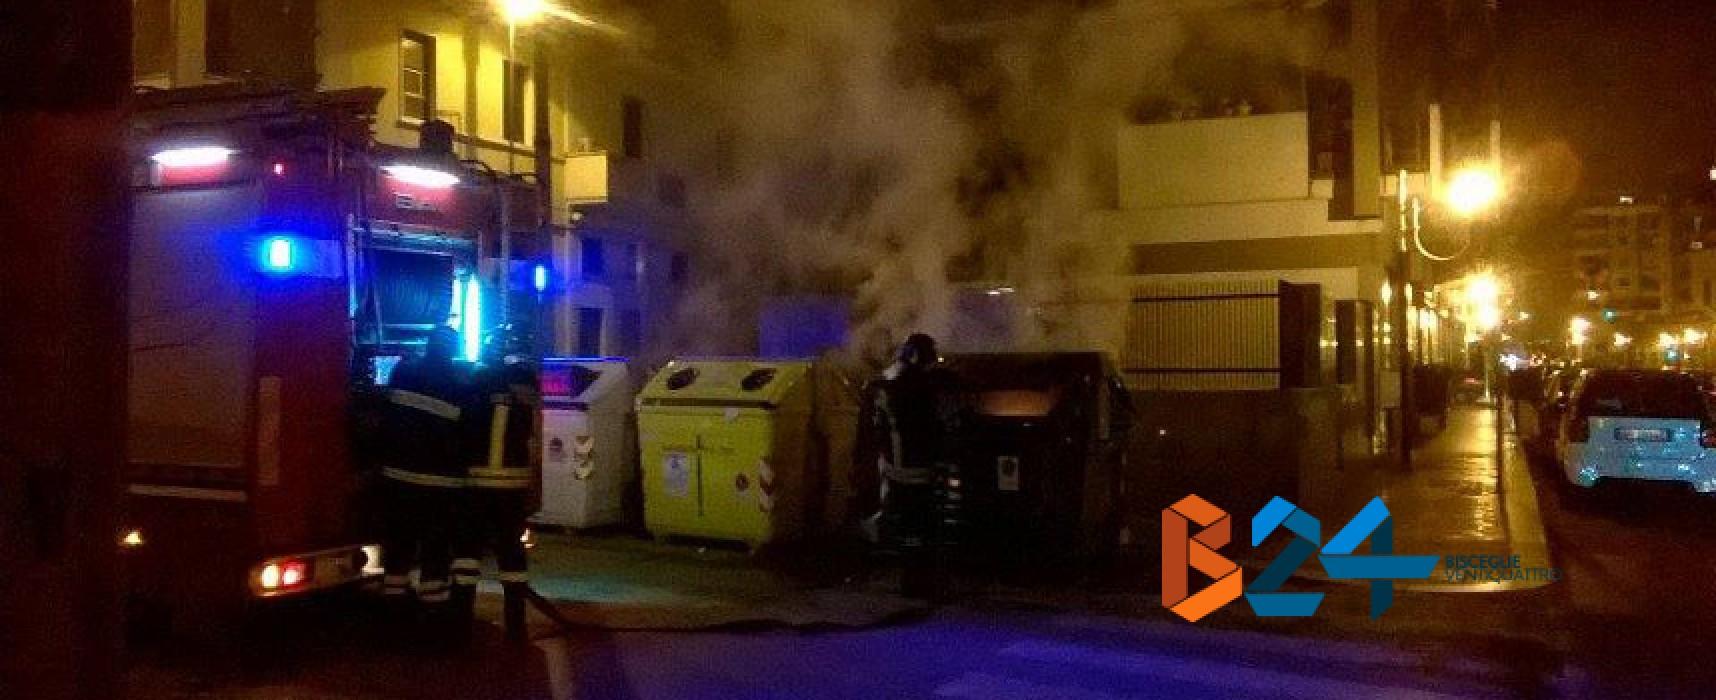 Via Volta, cassonetto in fiamme, intervengono prontamente Carabinieri e Vigili del Fuoco / FOTO